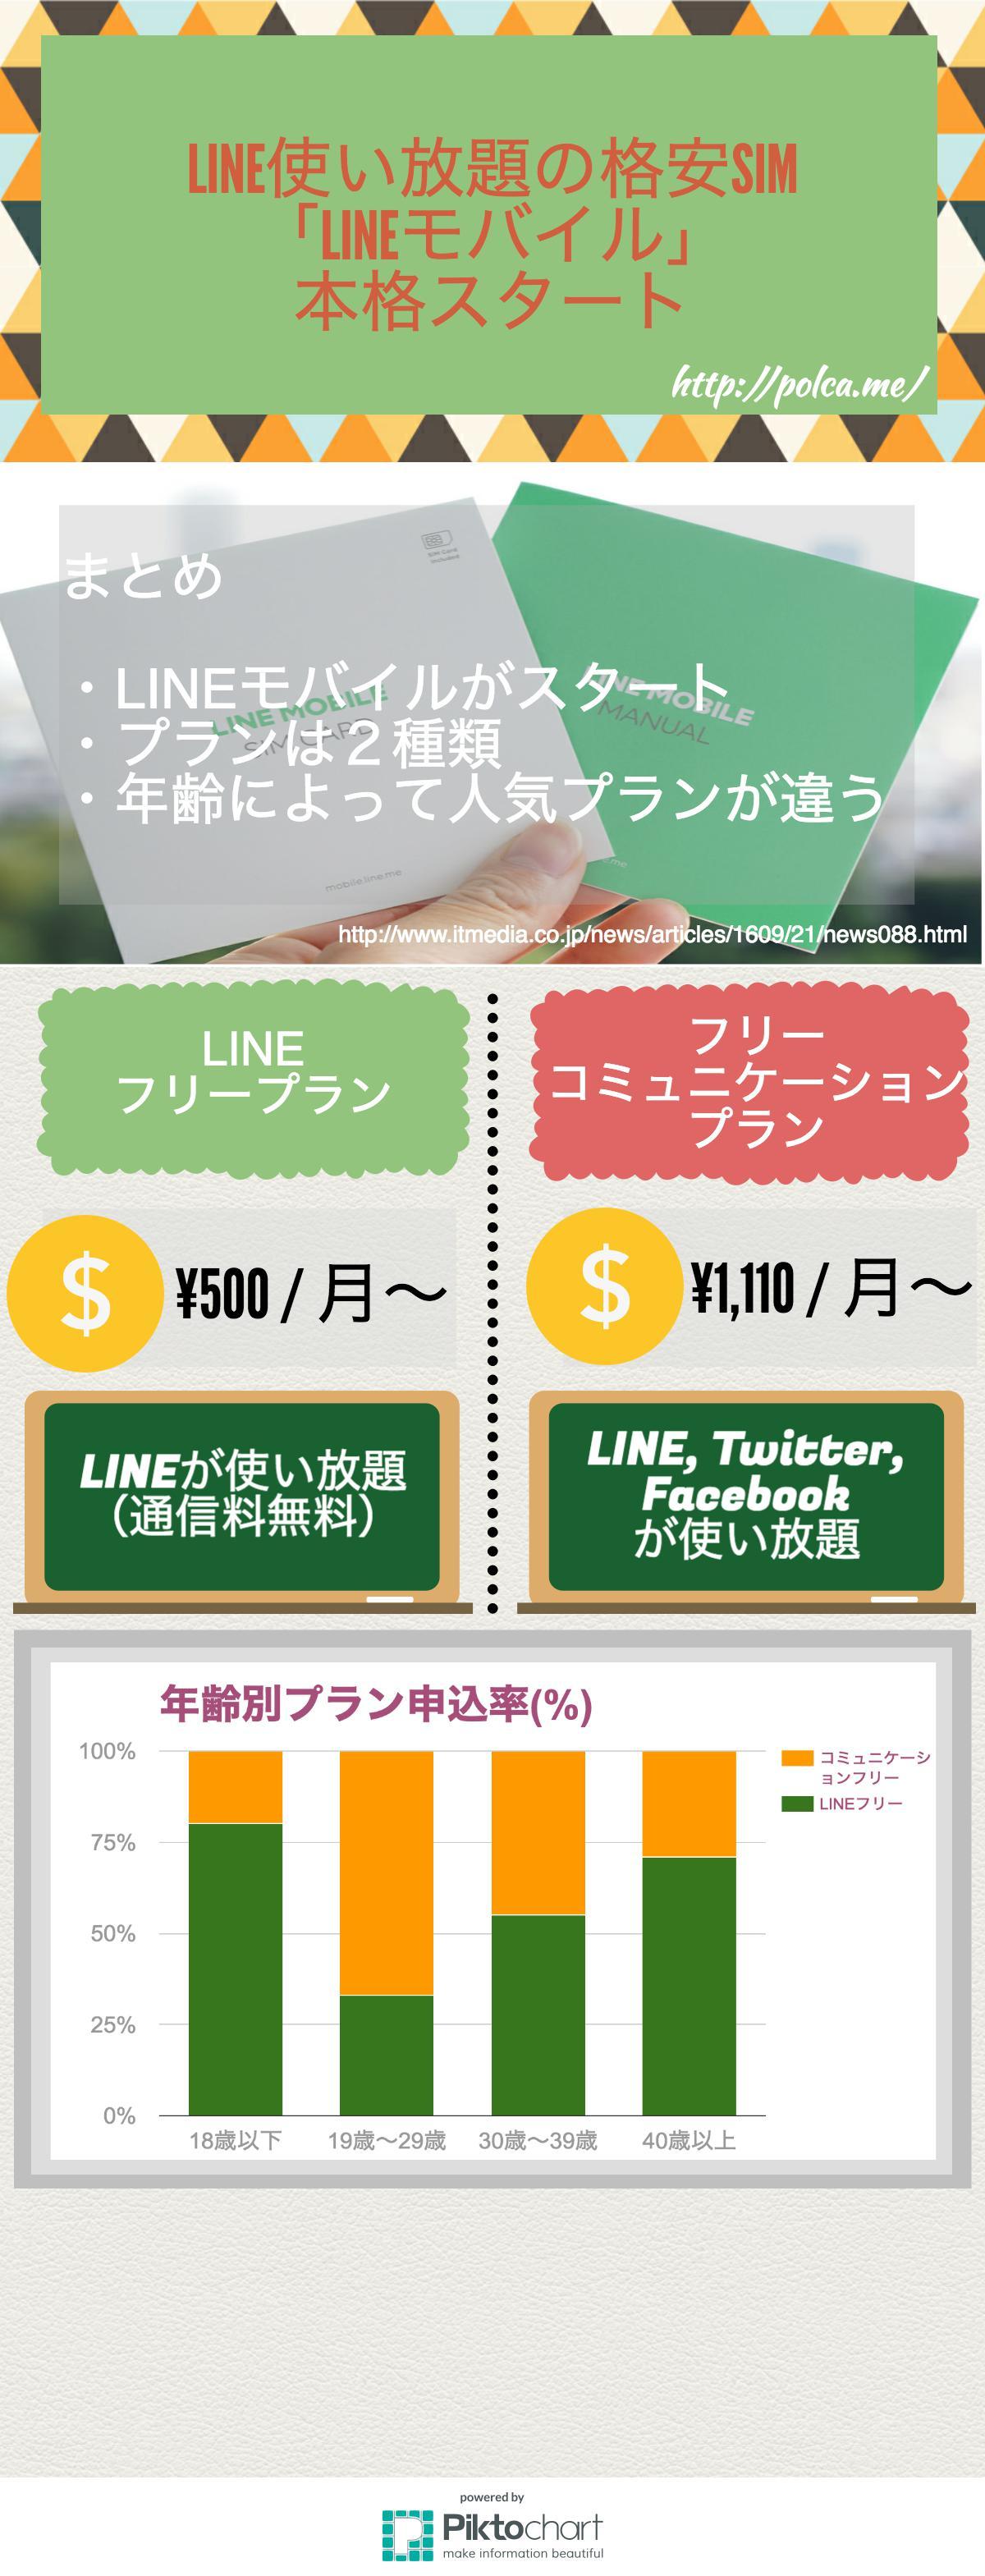 LINE使い放題の格安SIM 「LINEモバイル」 本格スタート